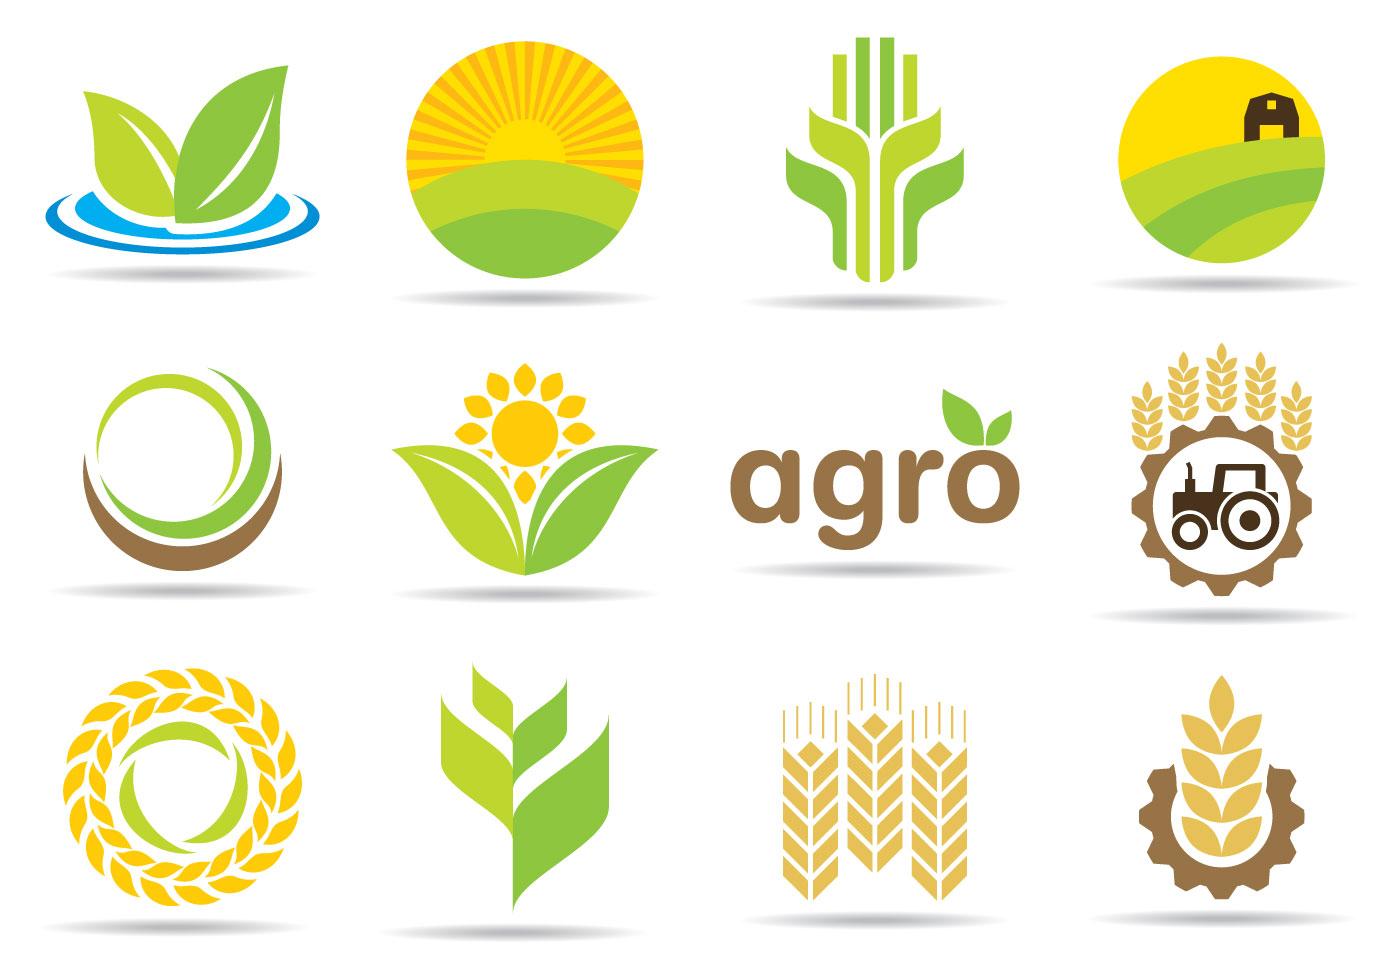 1400x980 Agro Logos